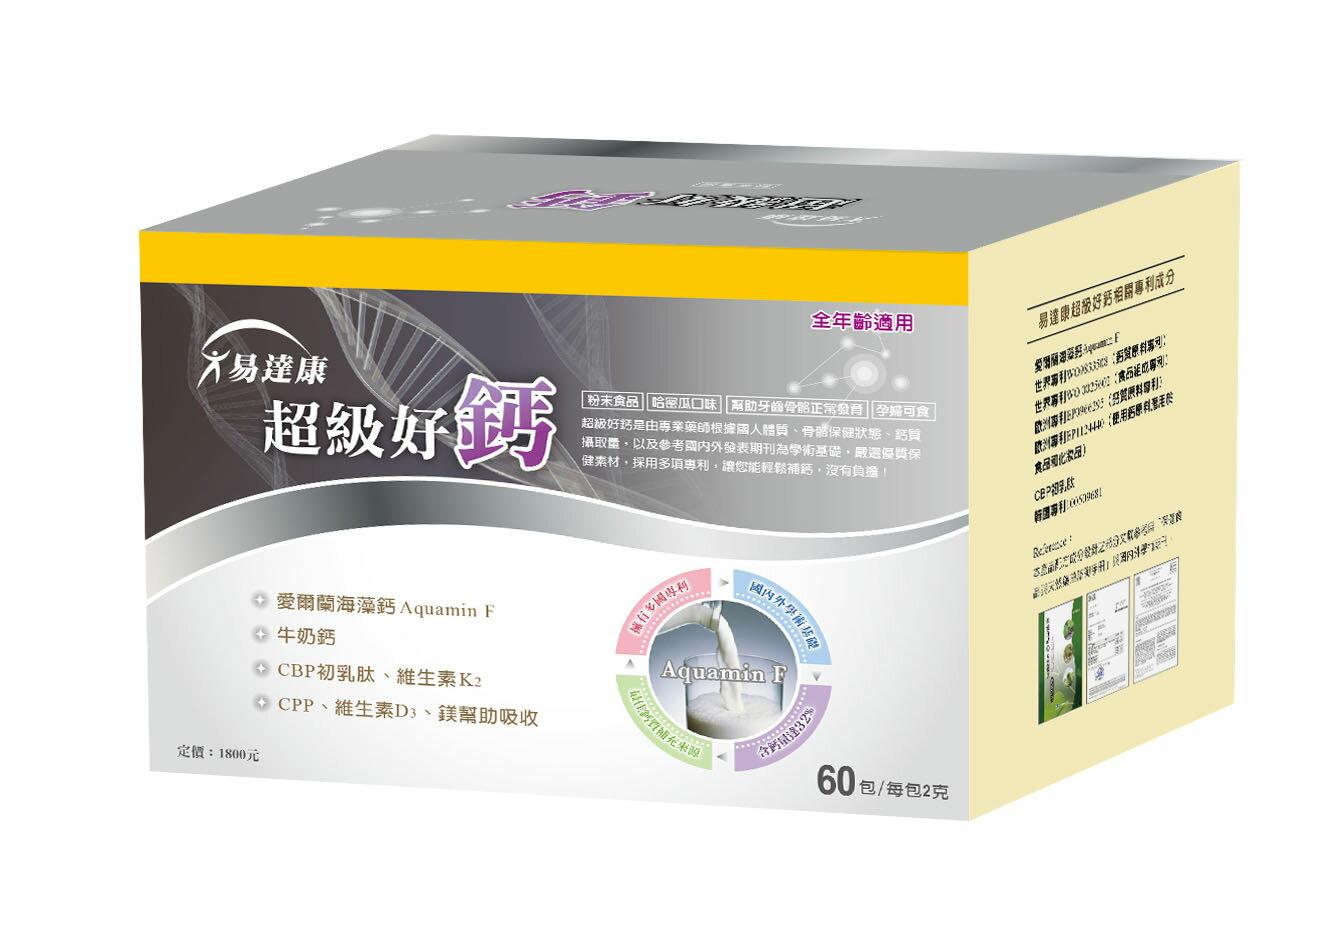 【安琪兒】台灣【易達康】超級好鈣*一盒(60入) 0